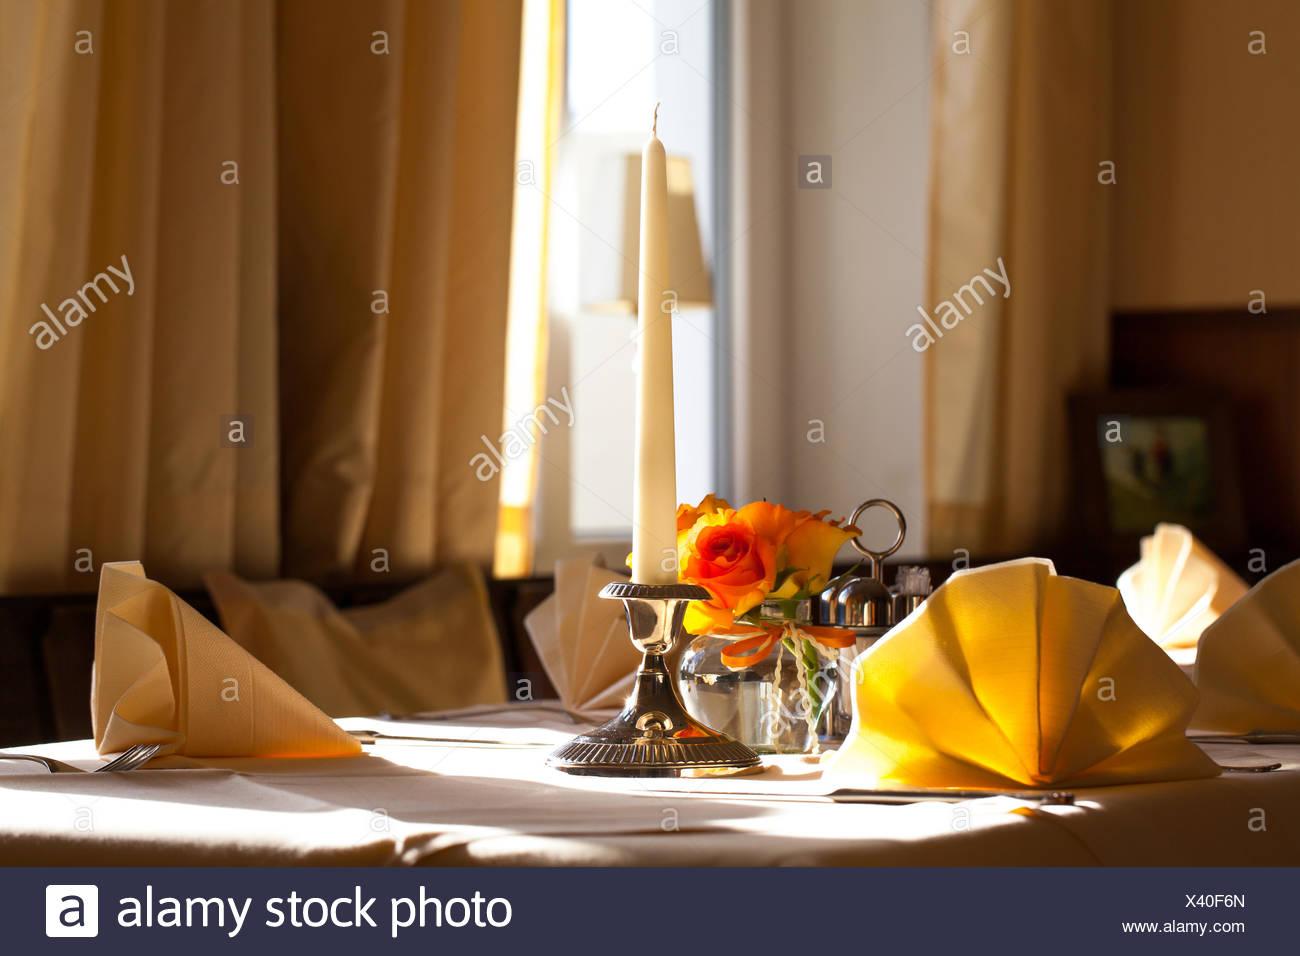 Gedeckten Tisch Mit Kerzen Und Blumen